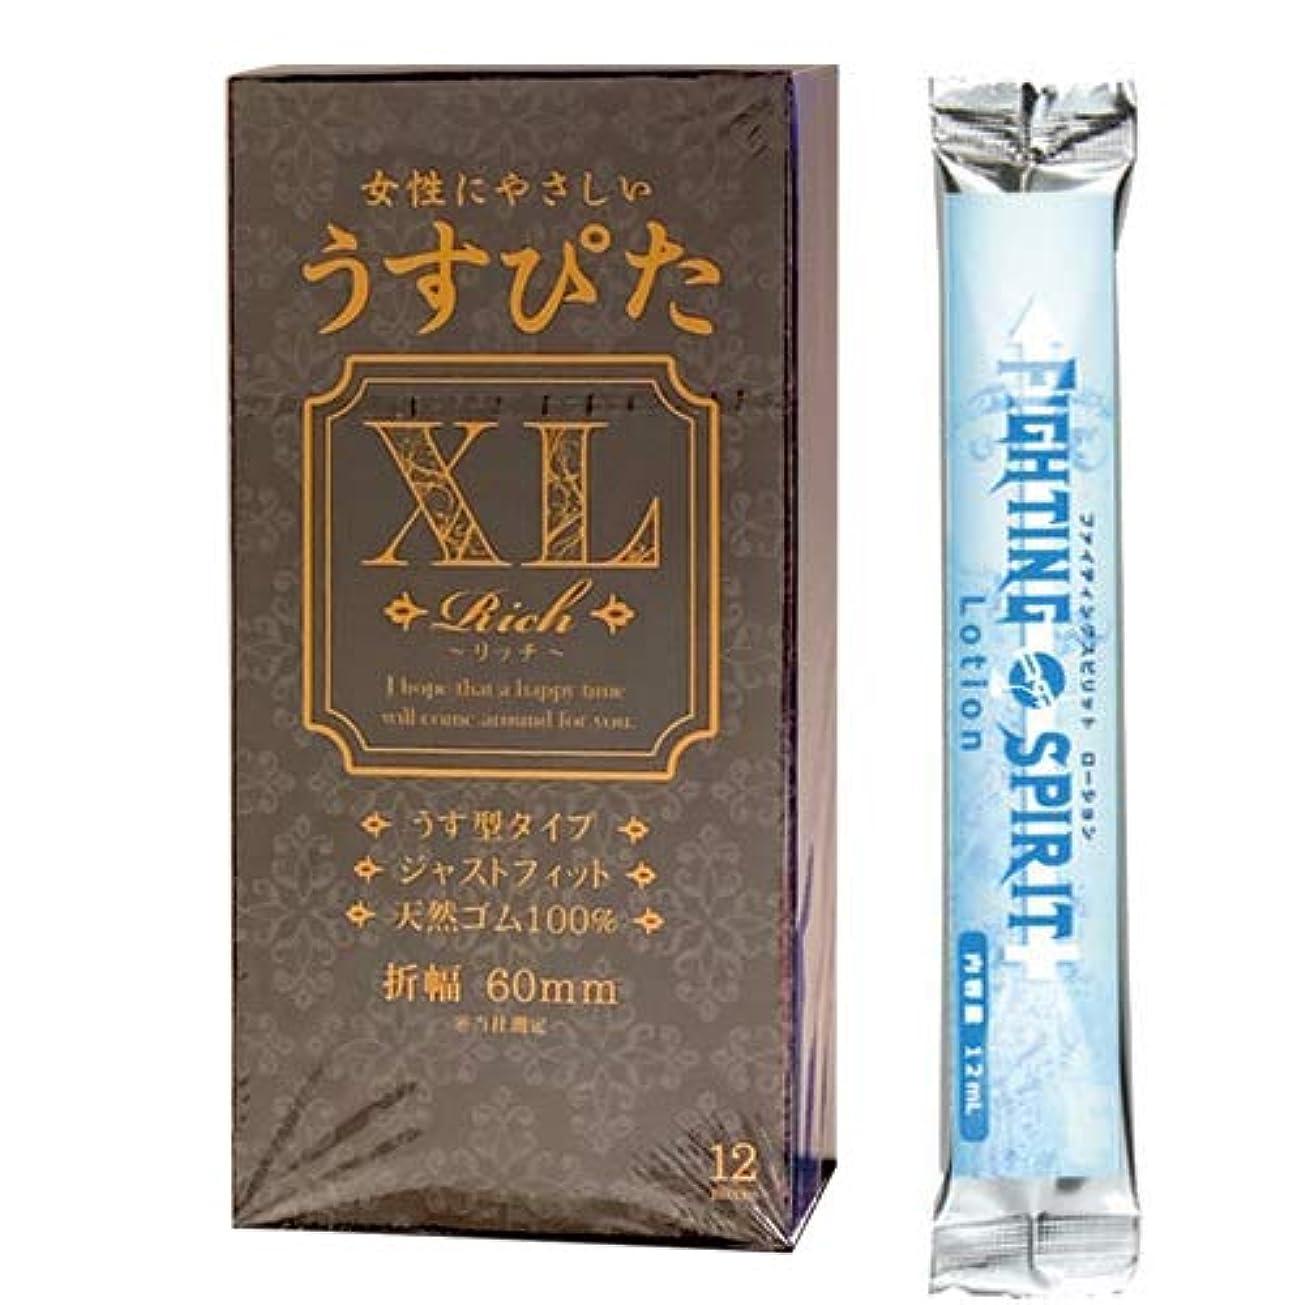 本土シールドミスペンドジャパンメディカル うすぴた XL Rich(リッチ)コンドーム 12個入3個セット + ファイティングスピリットローション12mL